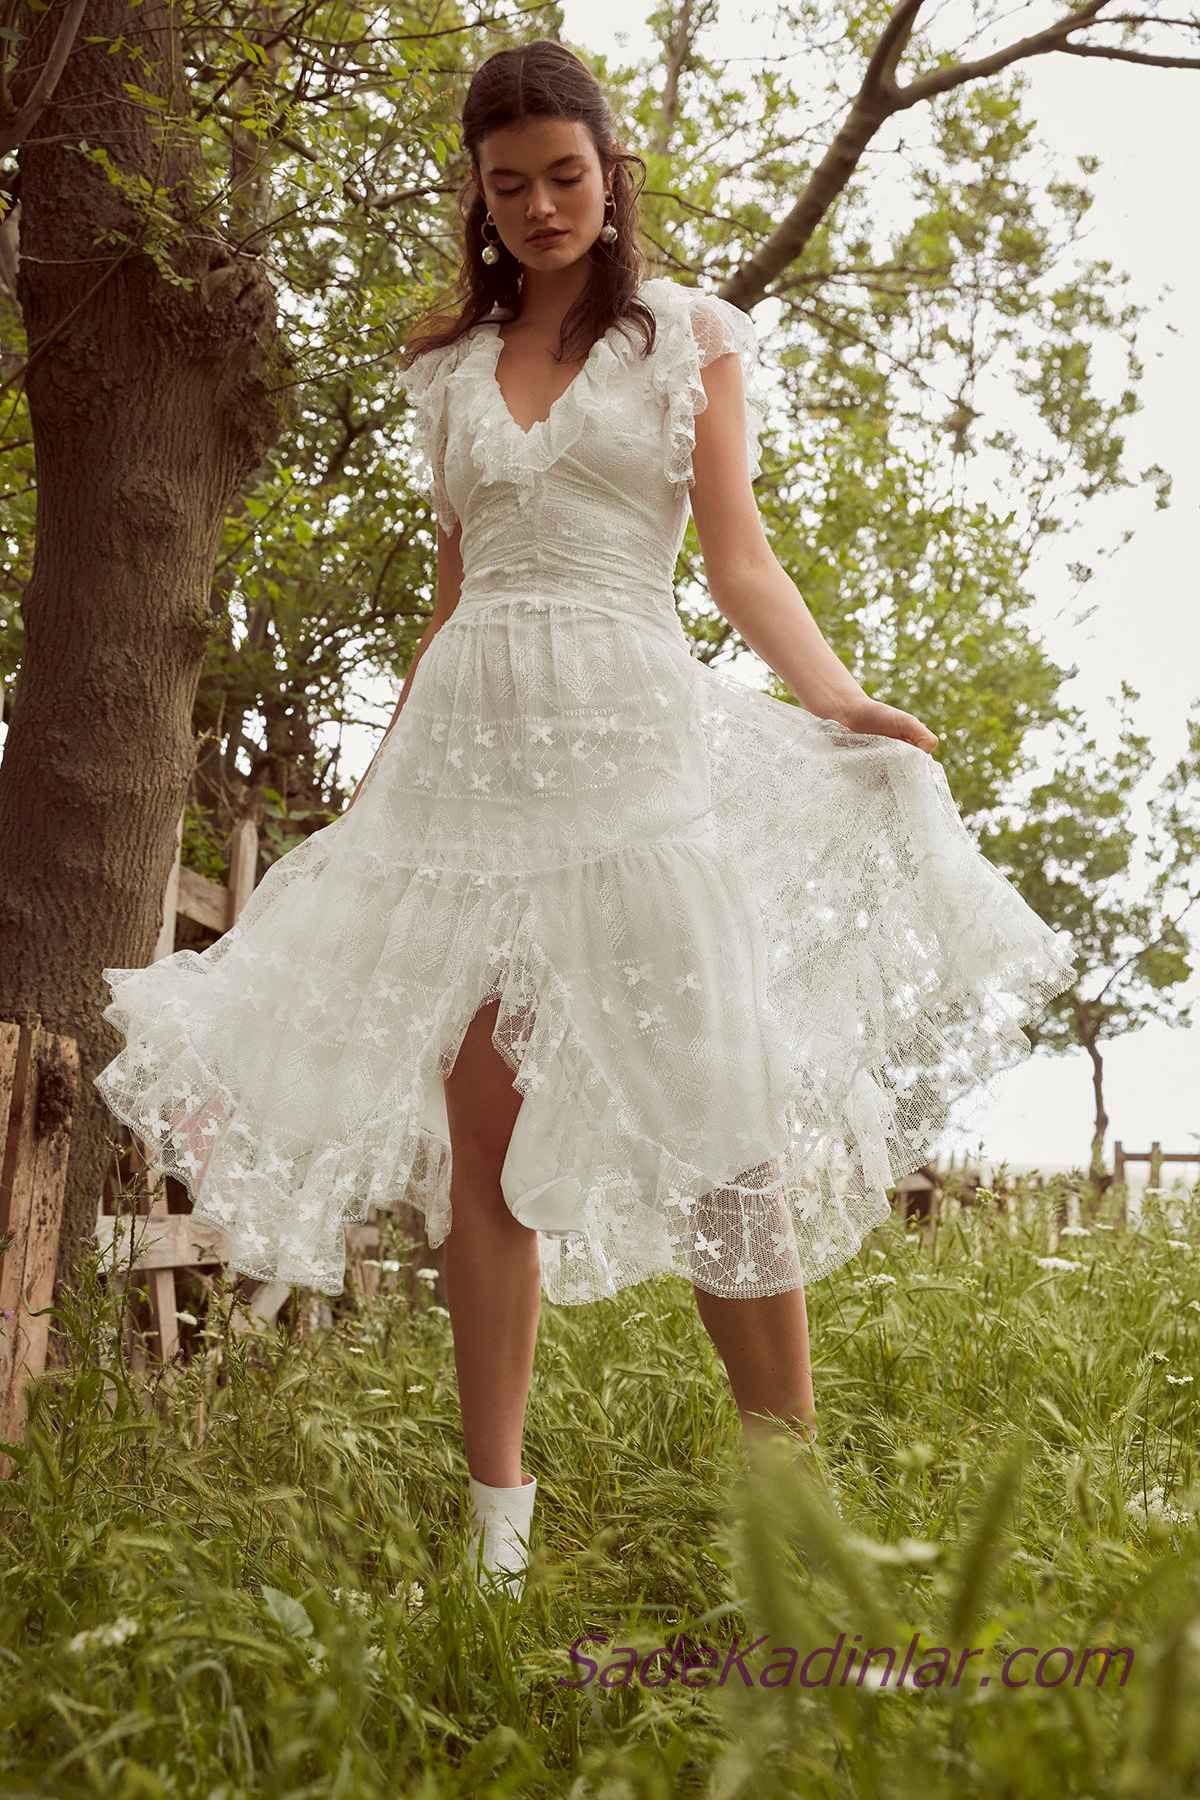 En Guzel 2020 Beyaz Elbise Modelleri Midi Kolsuz V Yakali Buzgulu Onden Yirtmacli Elbise Modelleri The Dress Elbise